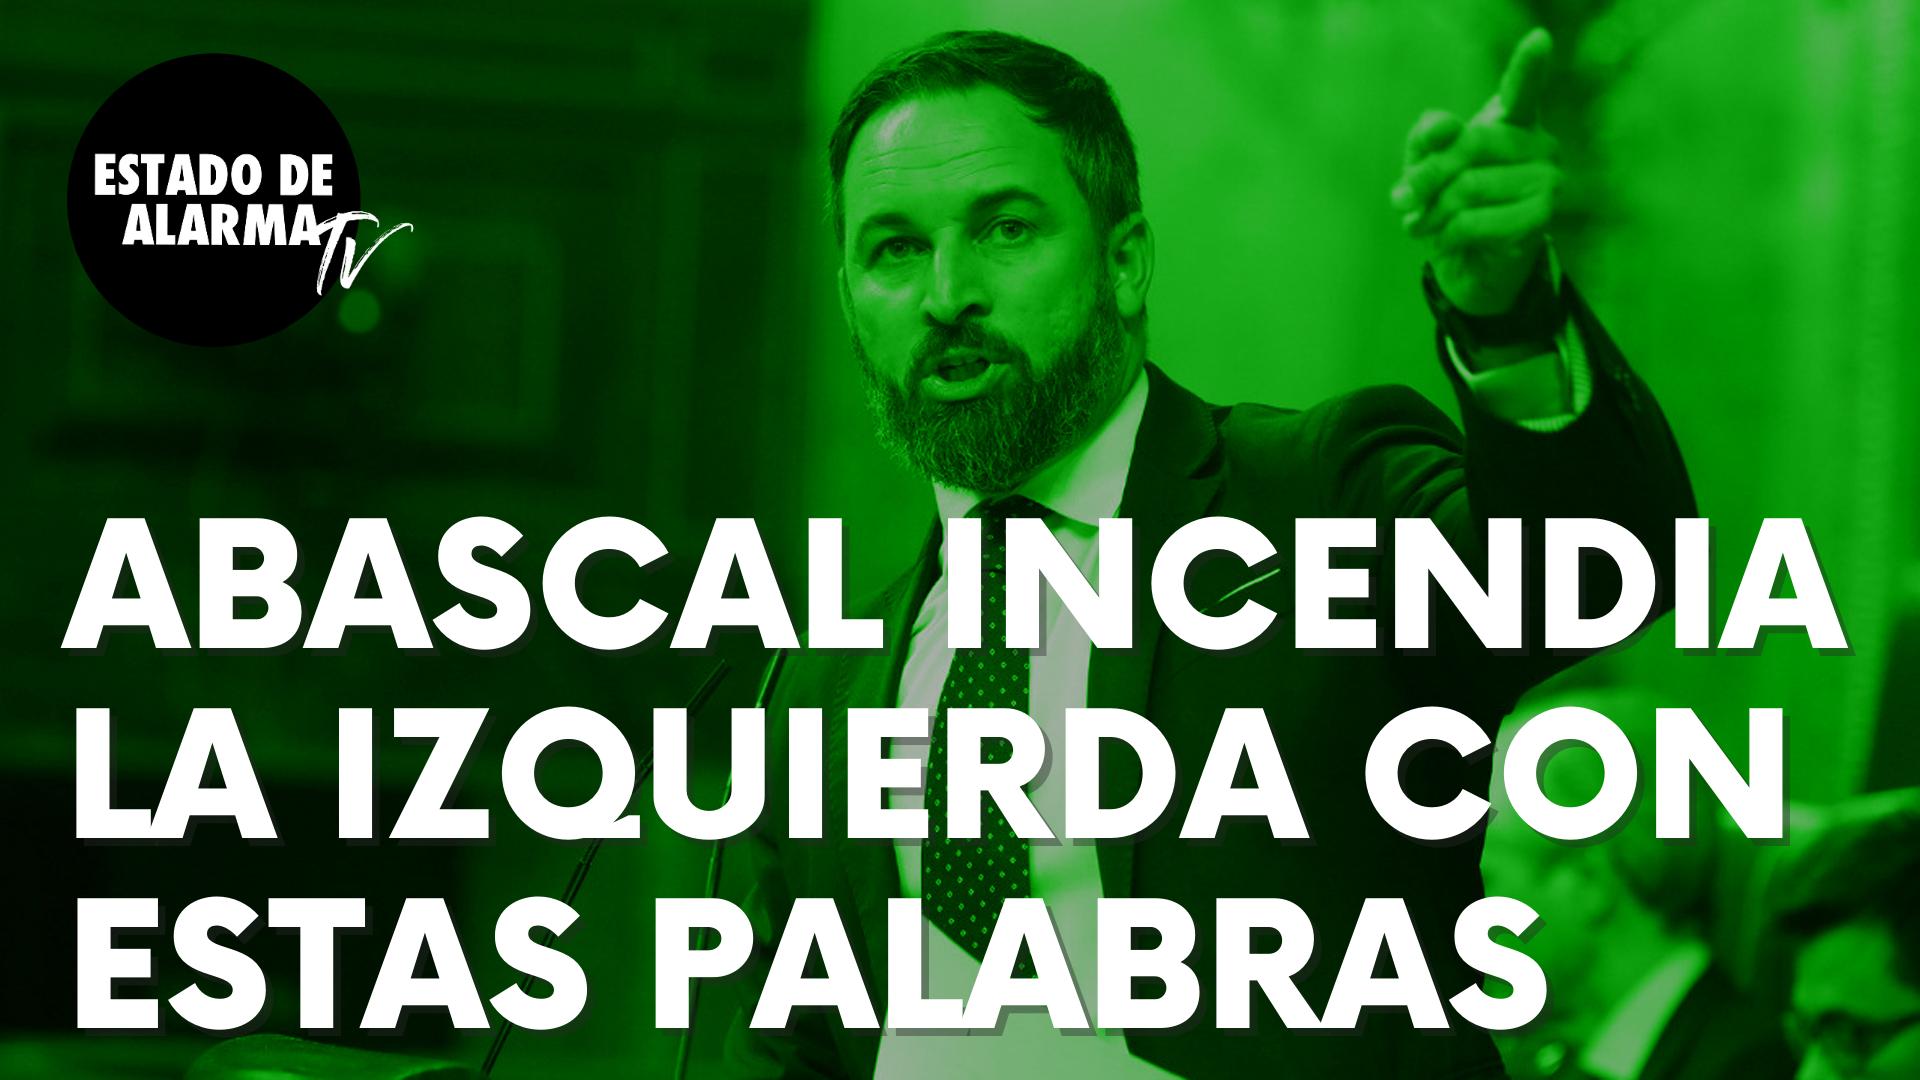 """Las contundentes palabras de Santiago Abascal que incendian a la izquierda: """"Necesita de la violencia"""""""